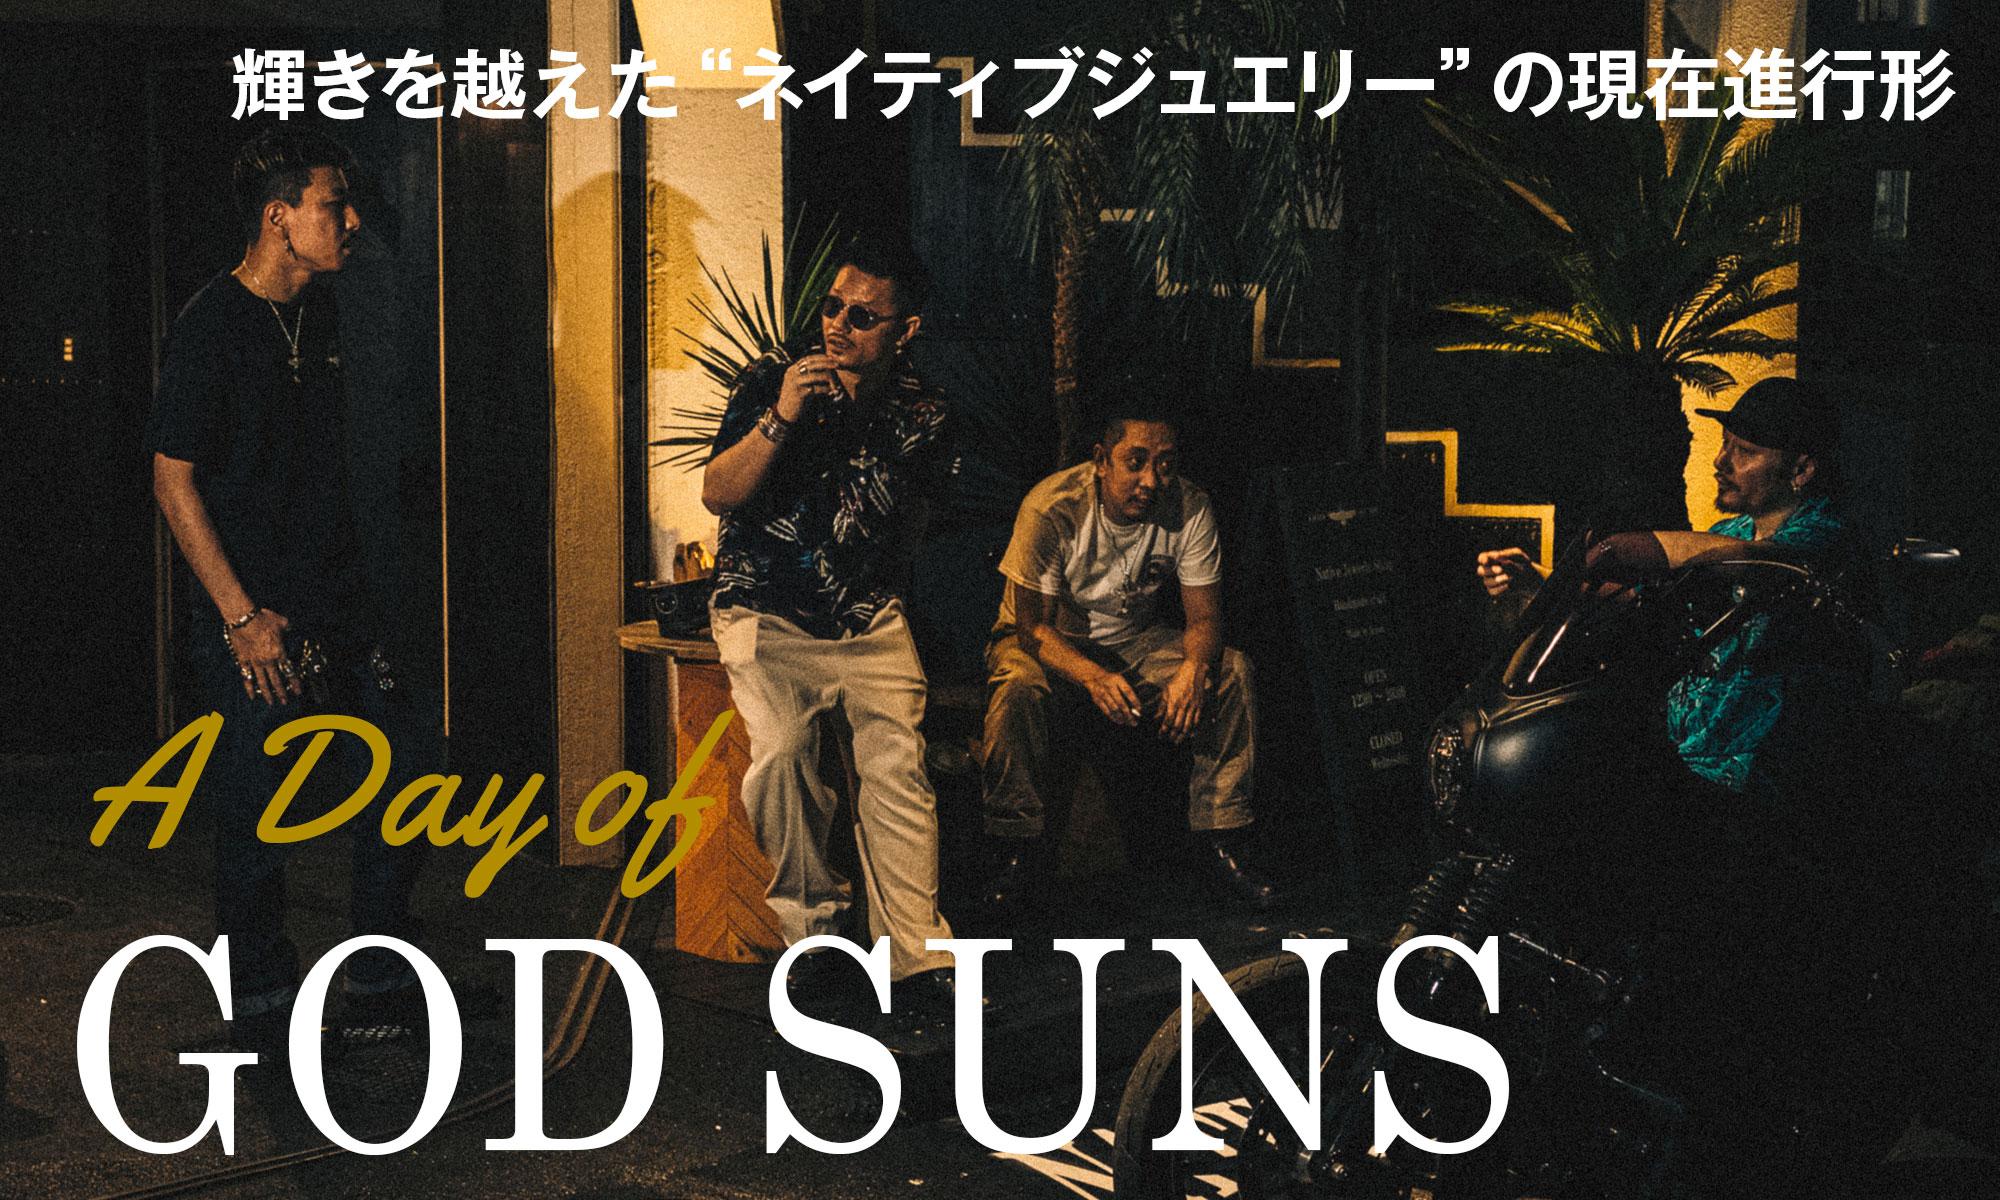 輝きを越えたネイティブジュエリーの現在進行形 -A Day of GOD SUNS-